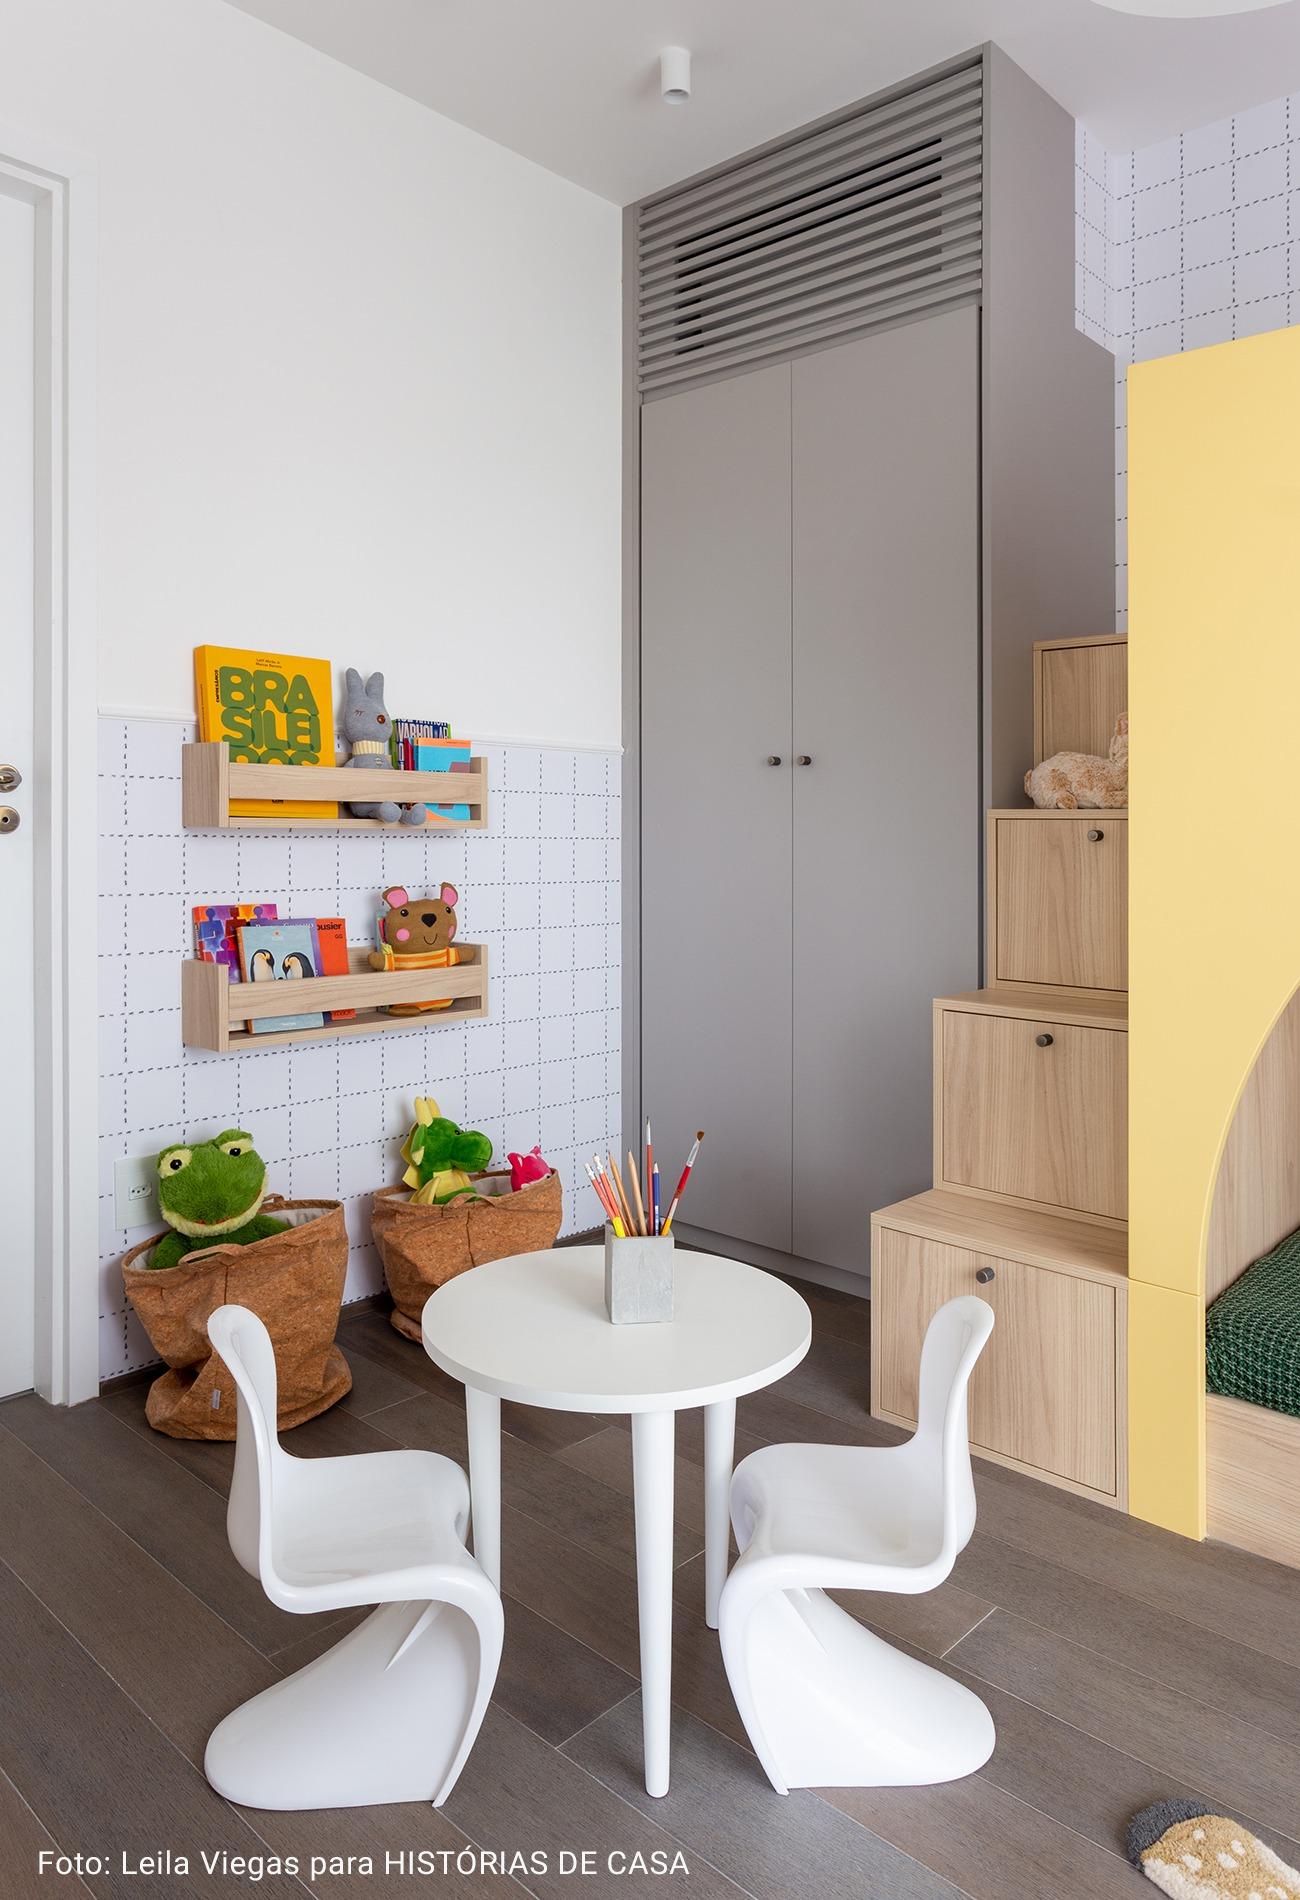 quarto infantil com escada de madeira como armário embutido